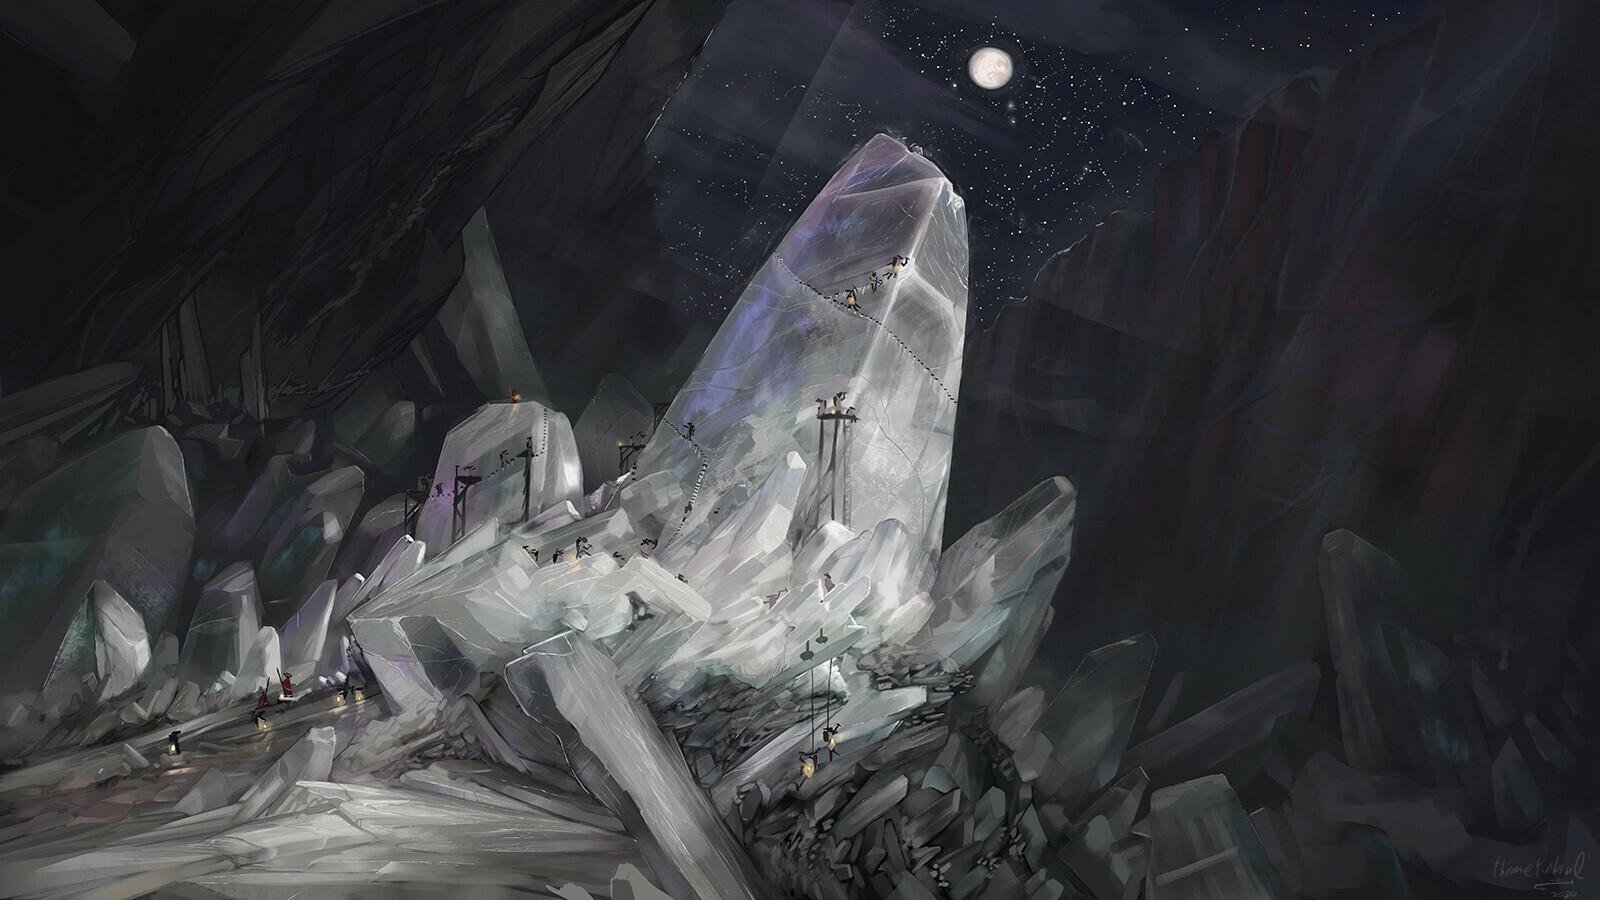 Work in the salt mine